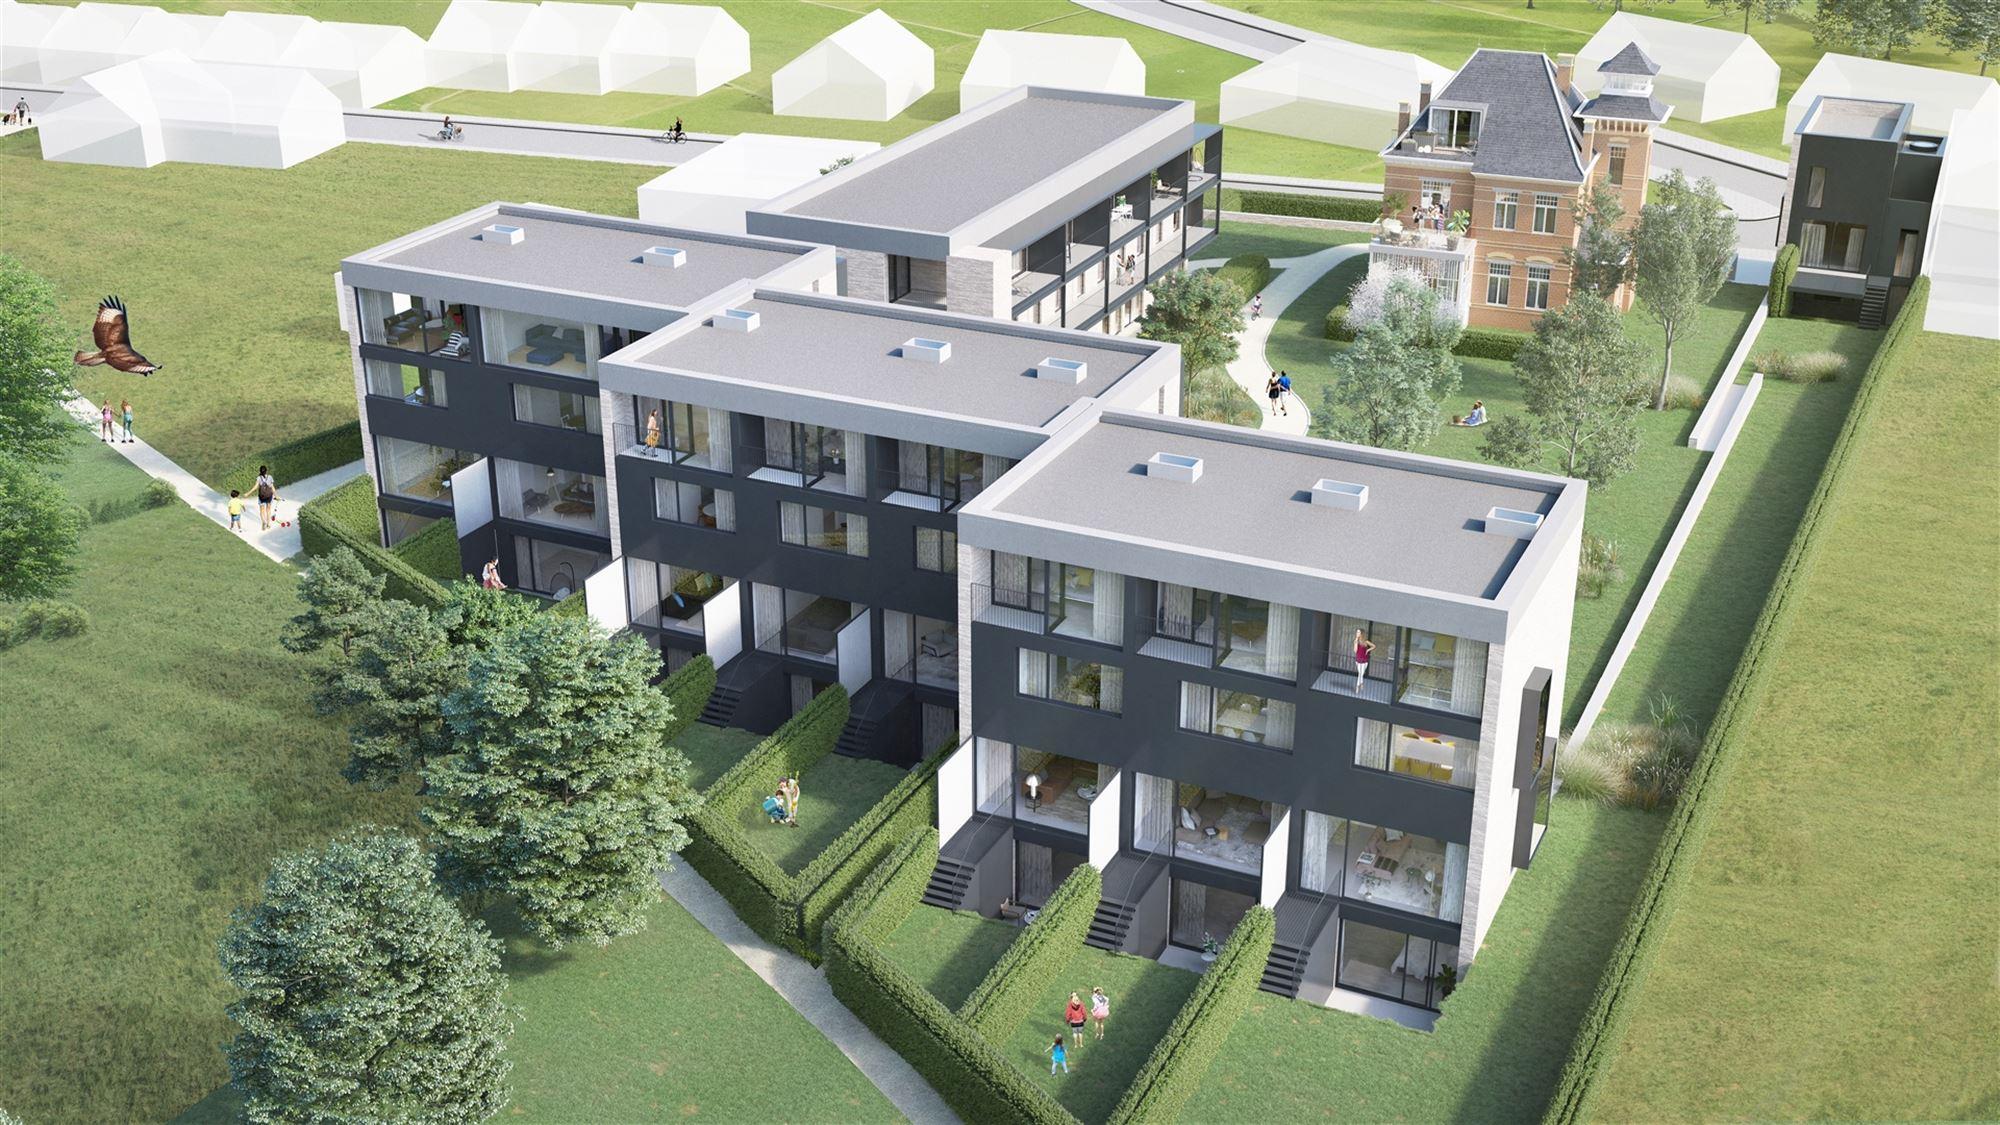 Villa Santa Maria en Vallei Houtkauter, samen Tweestroom! Twee unieke en veelzijdige nieuwbouwprojecten in Liedekerke aan de Dender en op een boogsche...